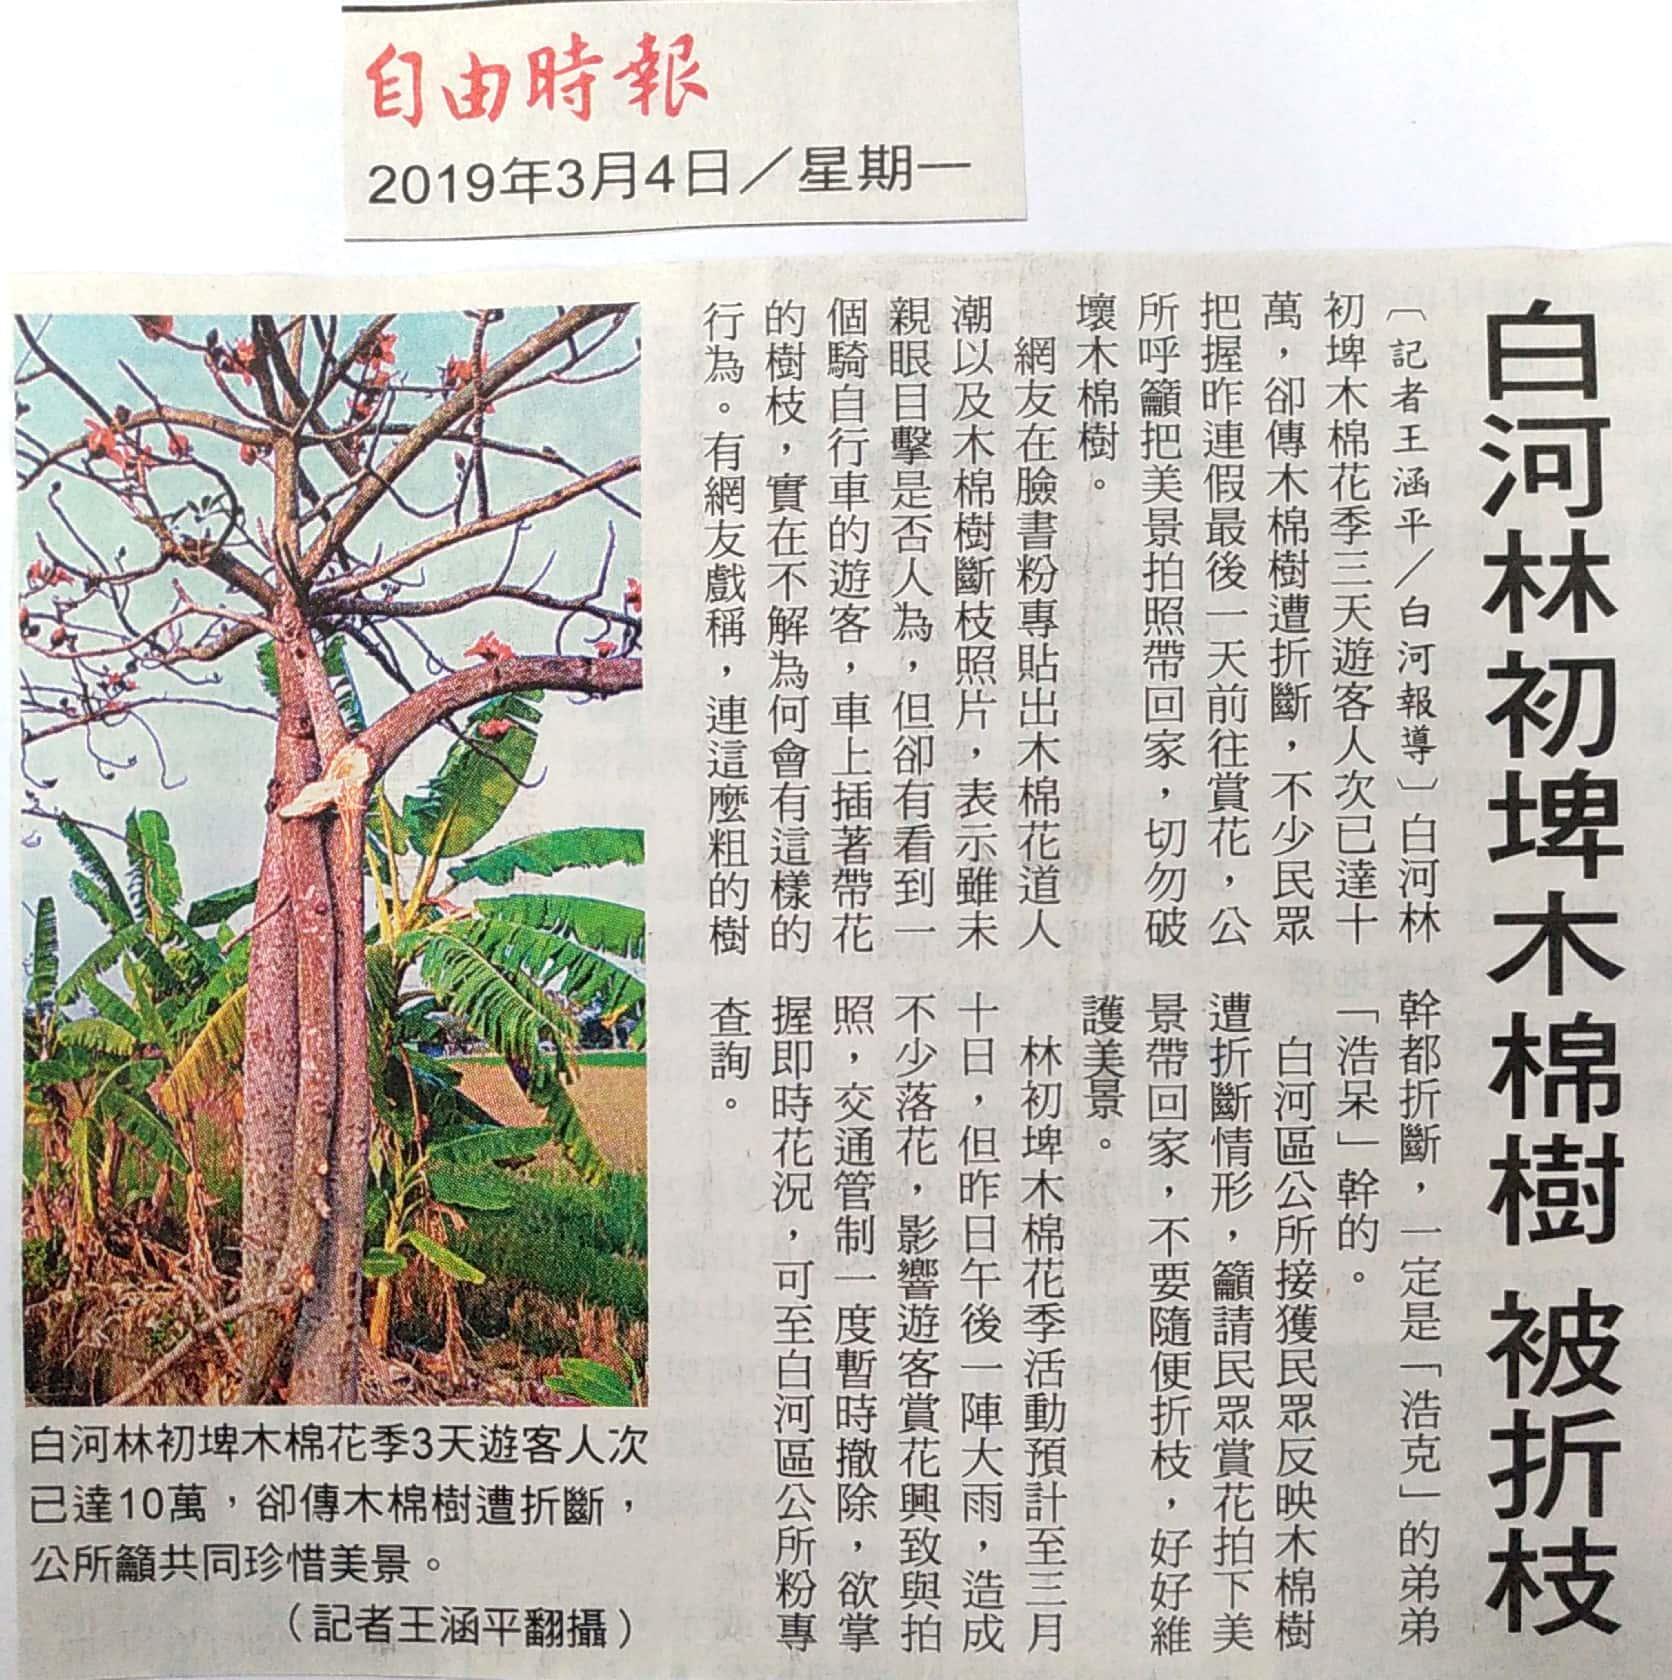 林初埤木棉樹被折枝